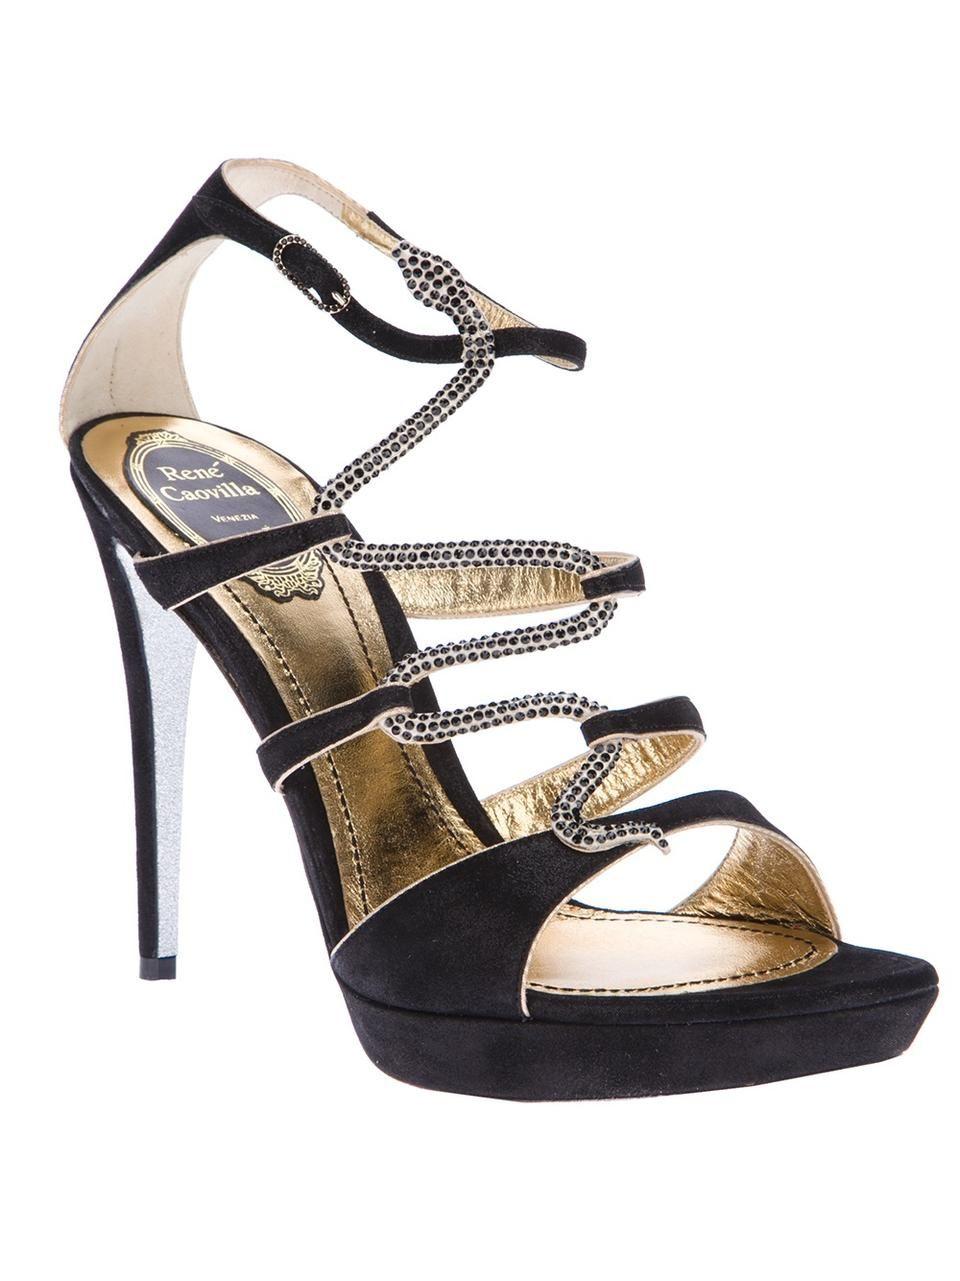 Rene Caovilla Stiletto sandal